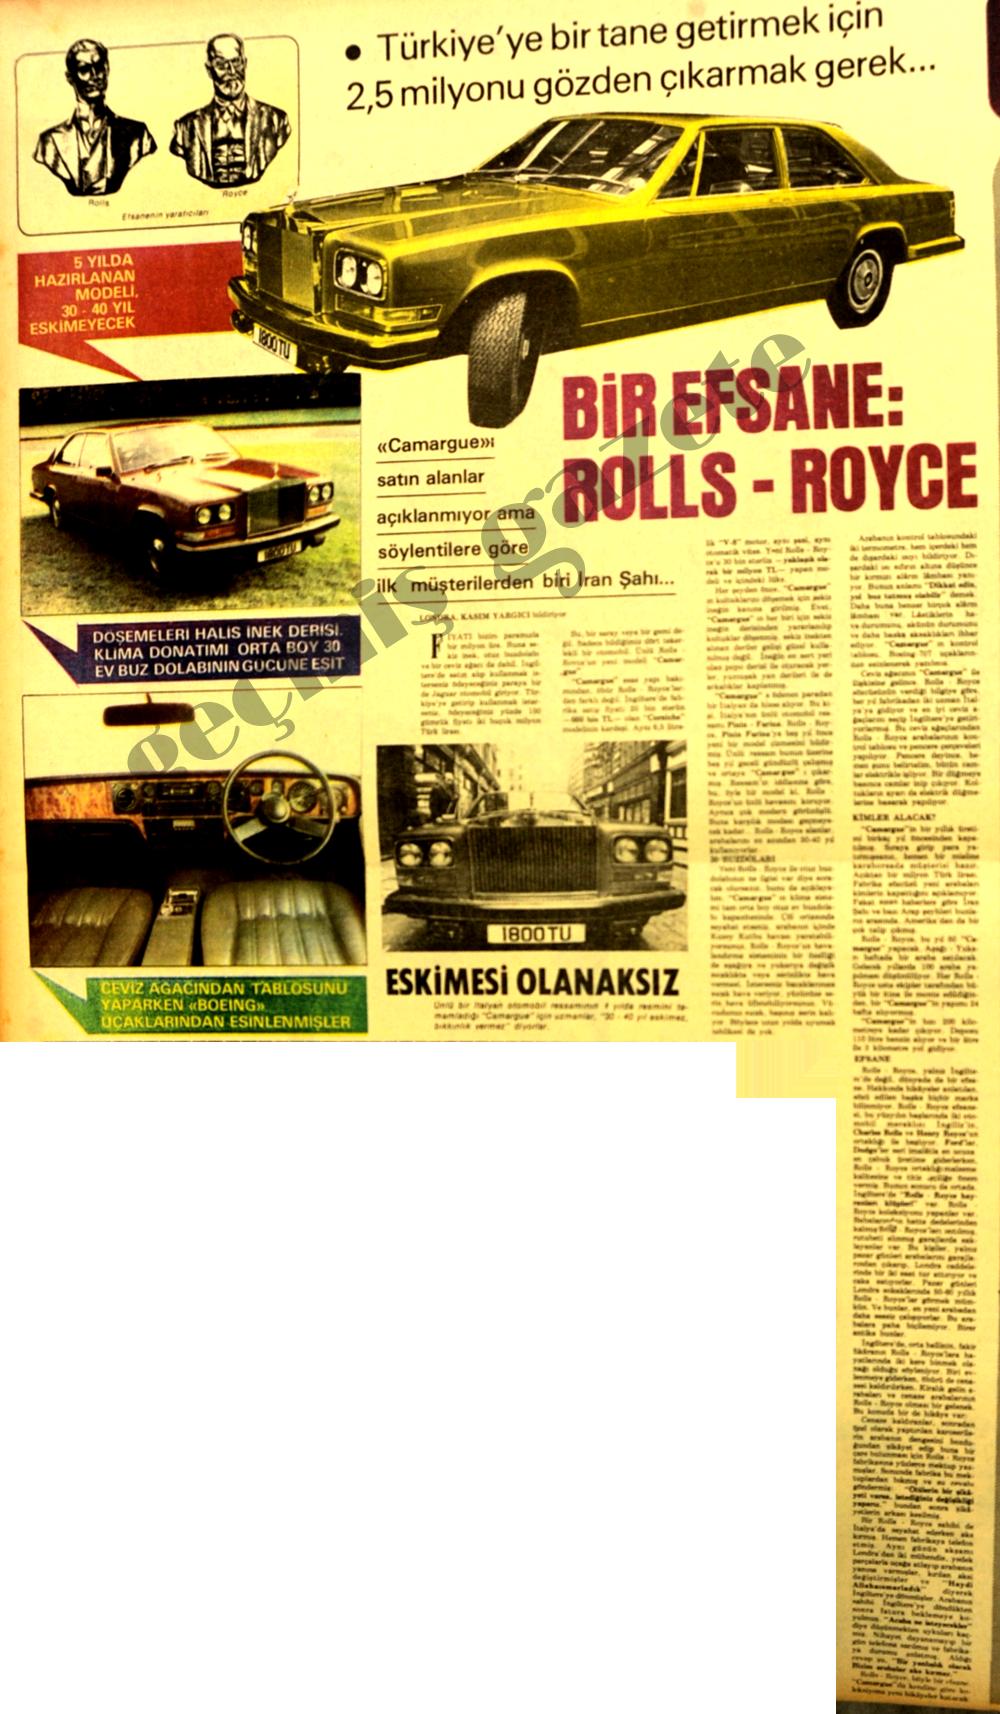 Bir efsane: Rolls-Royce!